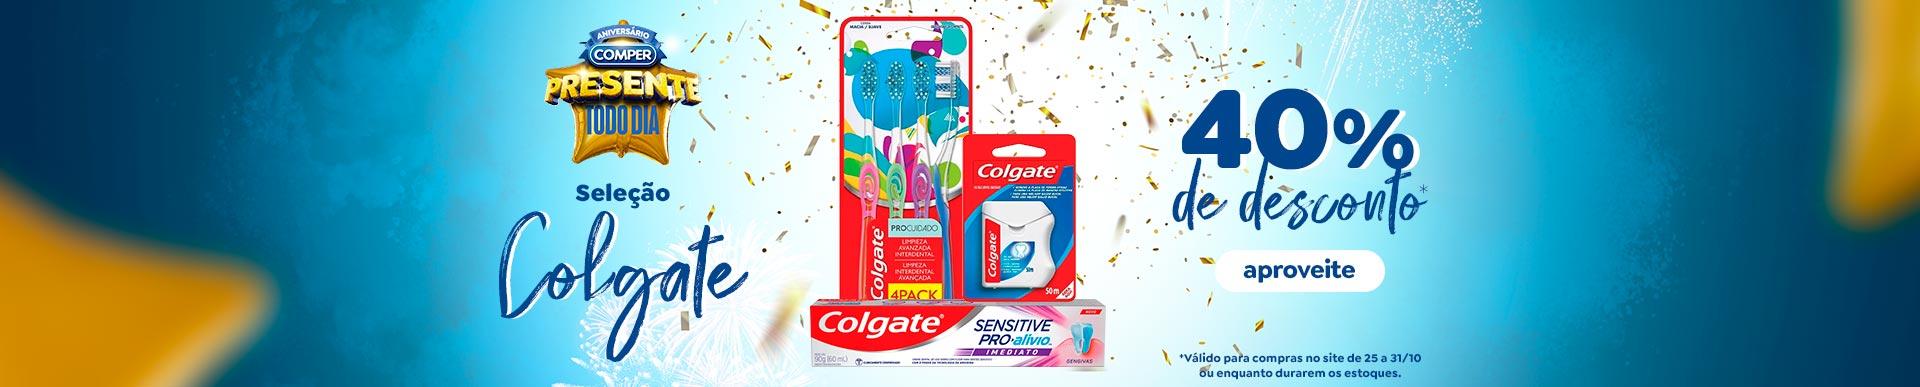 amkt_2021-10-25a10-31_aniversario-presentetododia_colgate_MT-colgate-40off